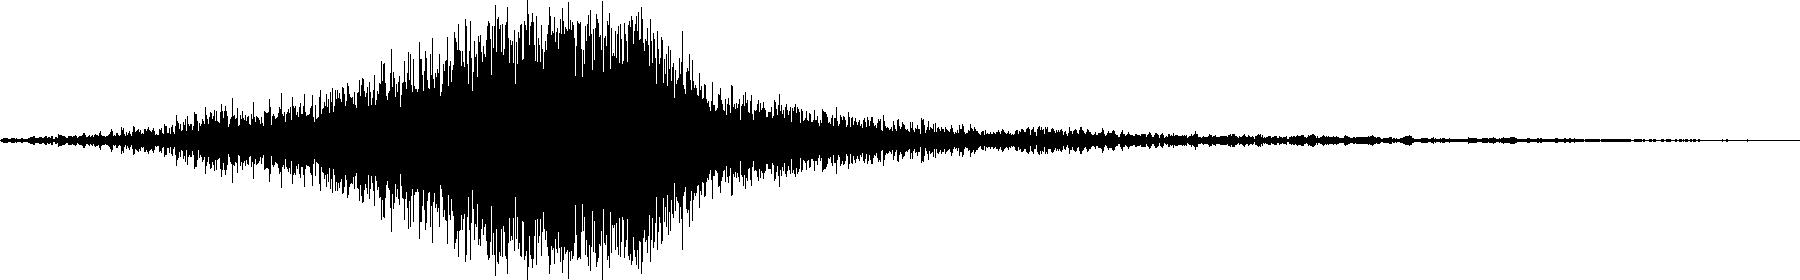 vfx1 atmos 28